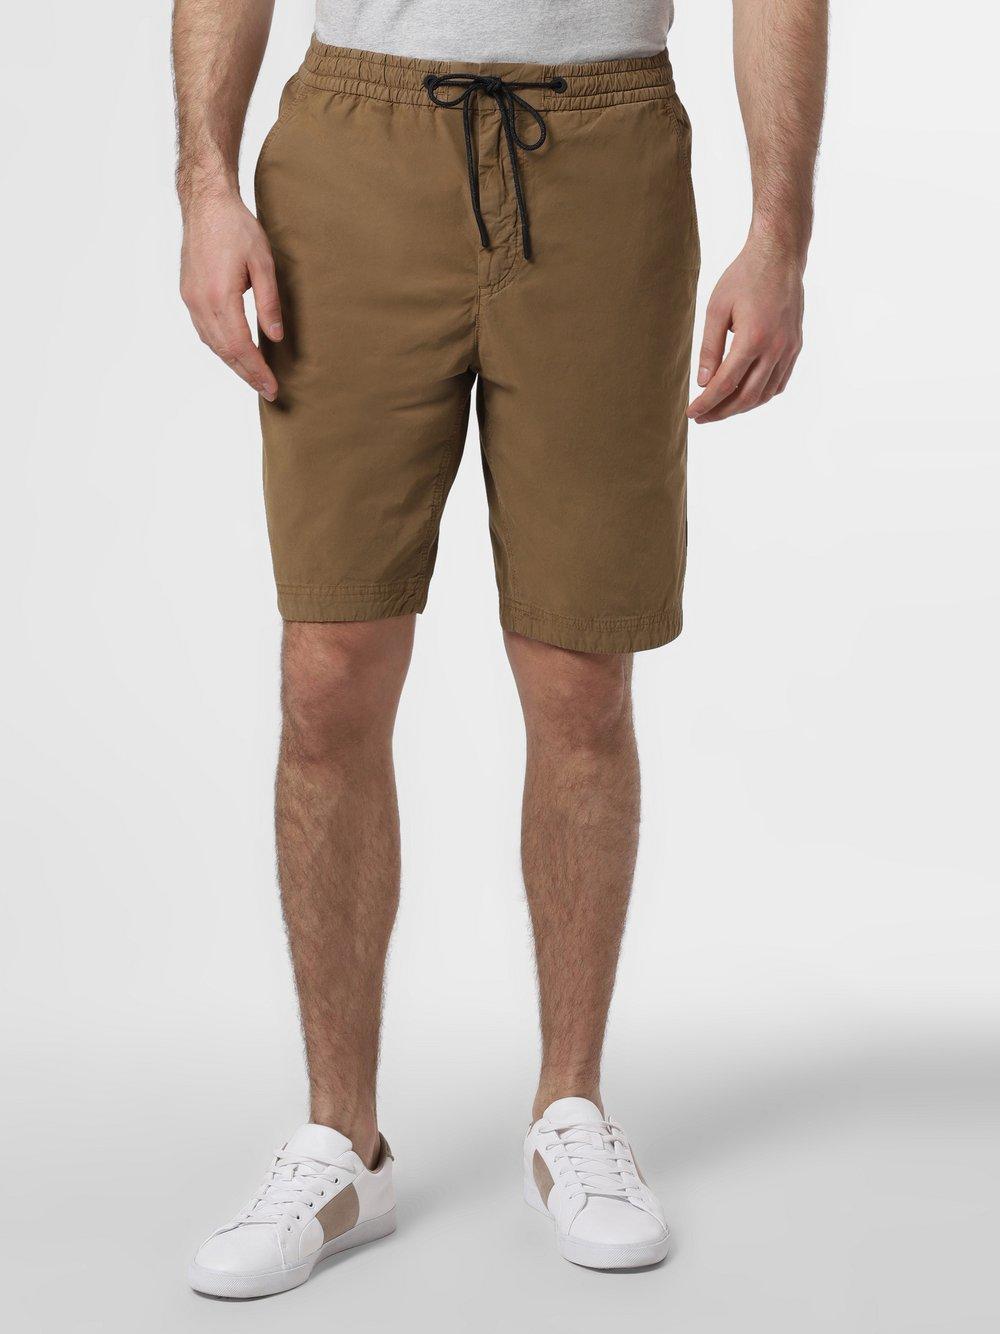 BOSS Casual - Spodenki męskie – Sabriel-Shorts, beżowy